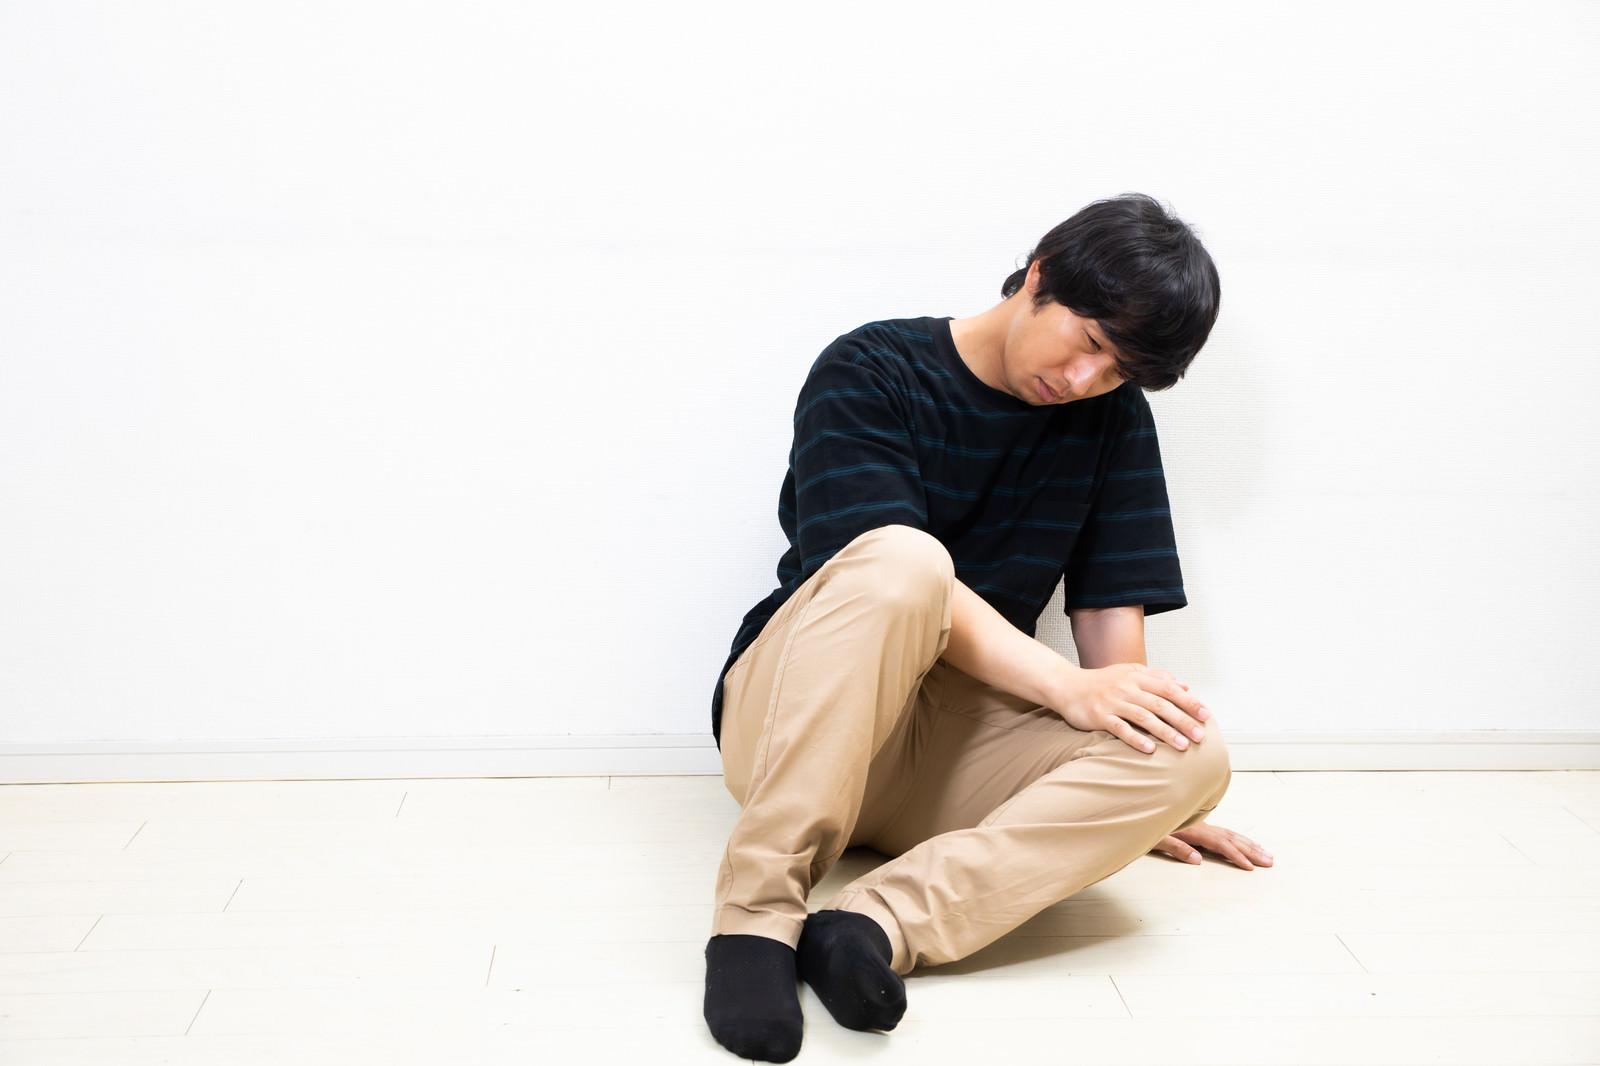 「座り込んでうずくまる男性」の写真[モデル:大川竜弥]